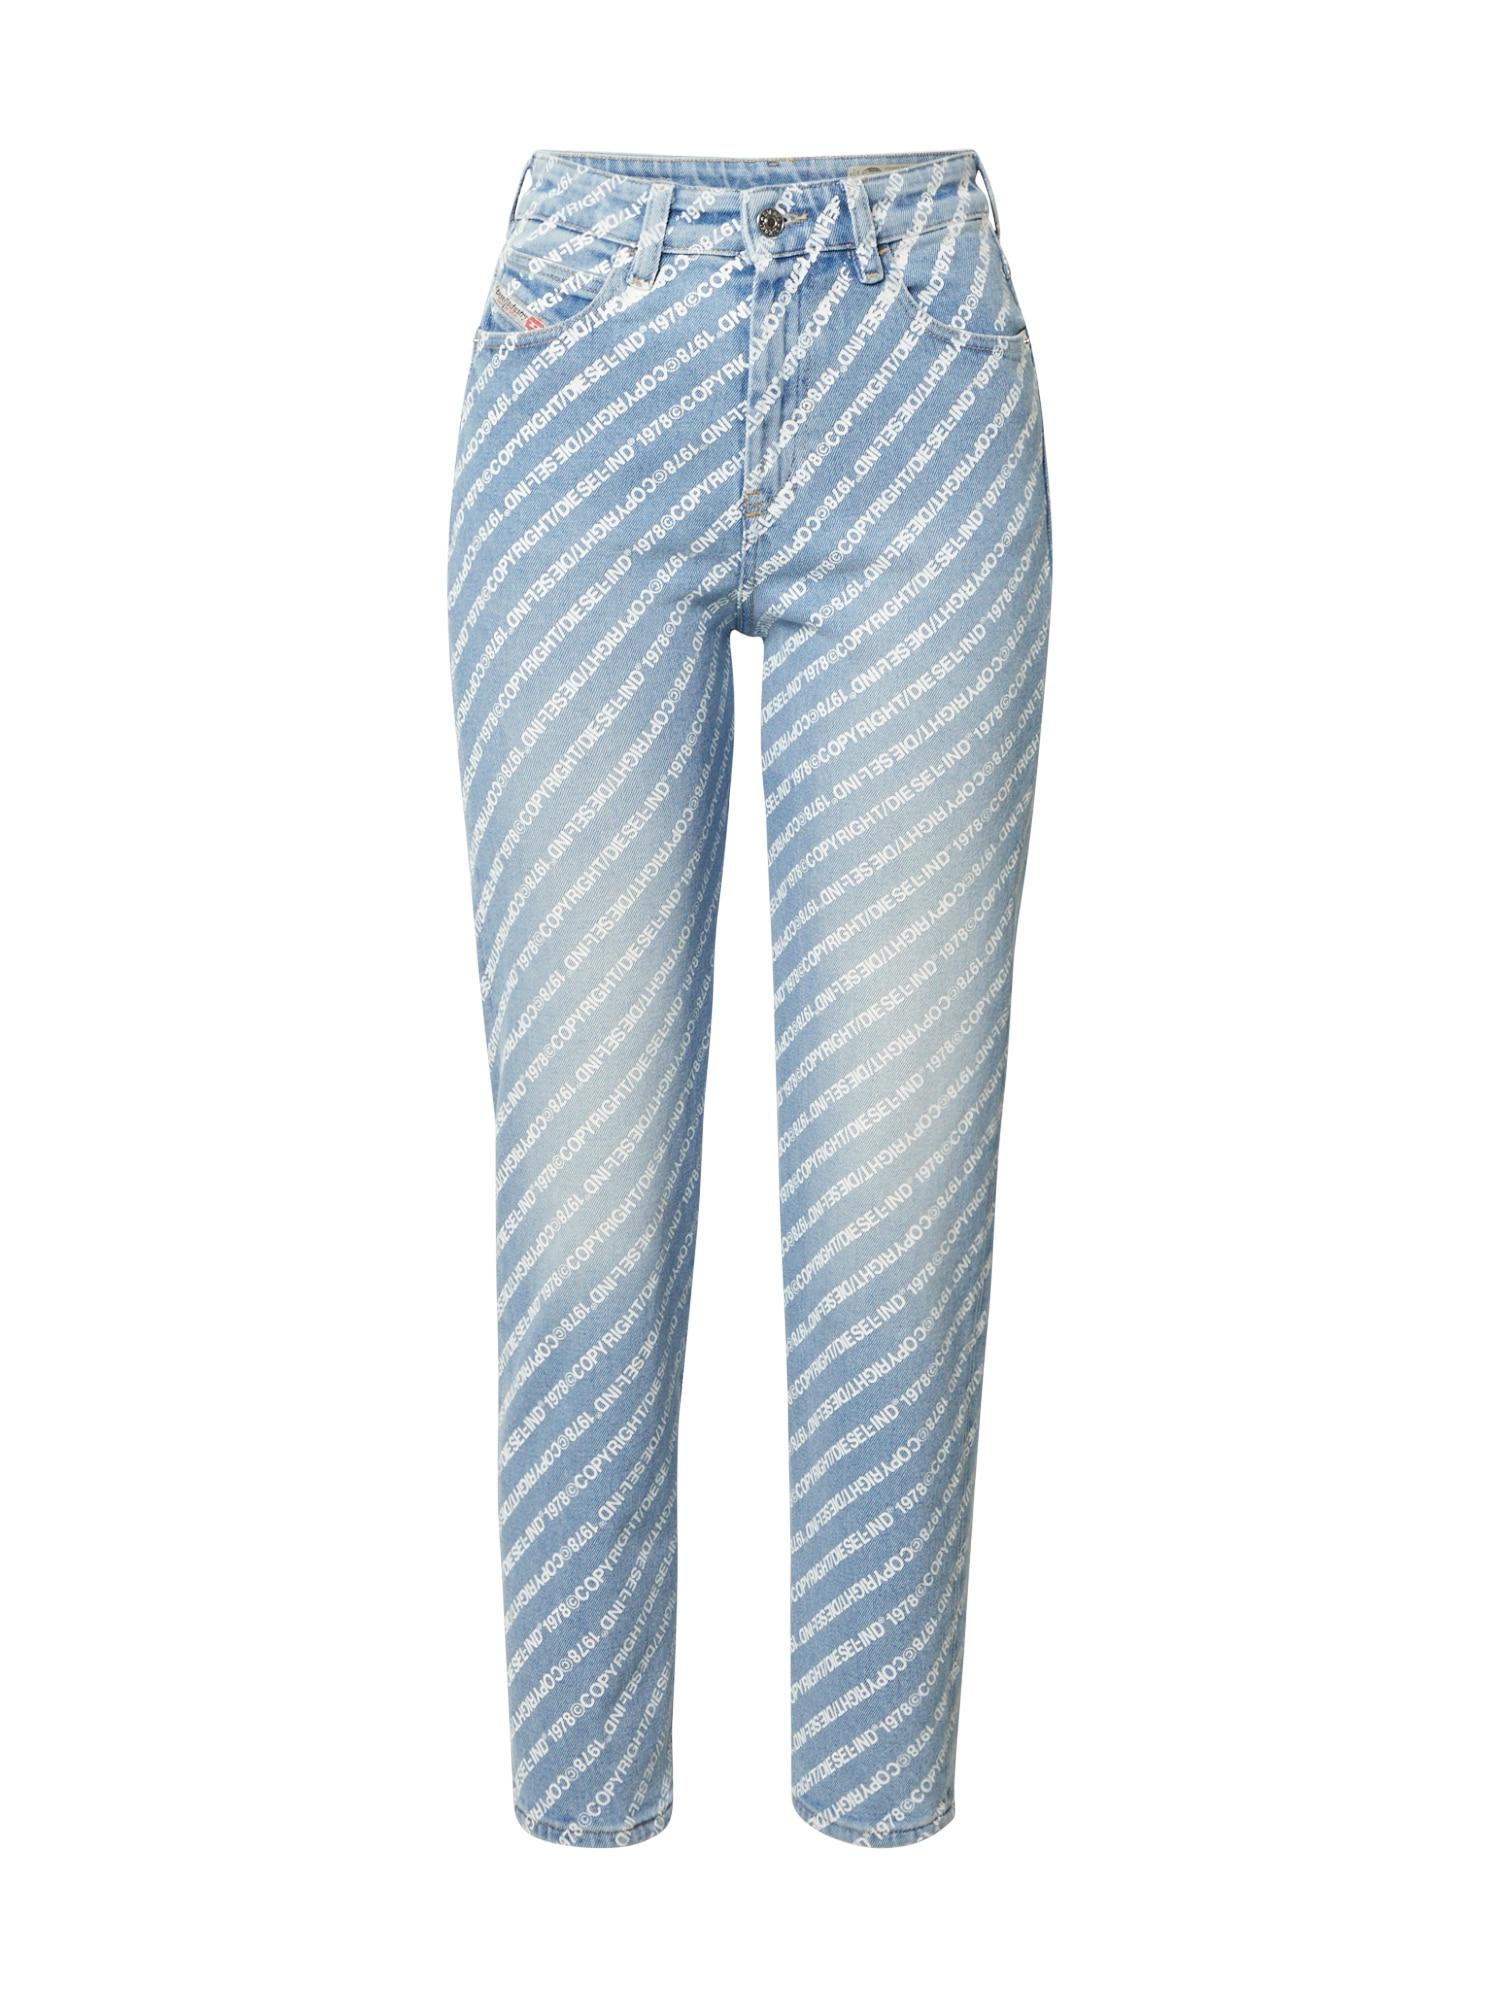 DIESEL Džinsai 'D-EISELLE-SP5' tamsiai (džinso) mėlyna